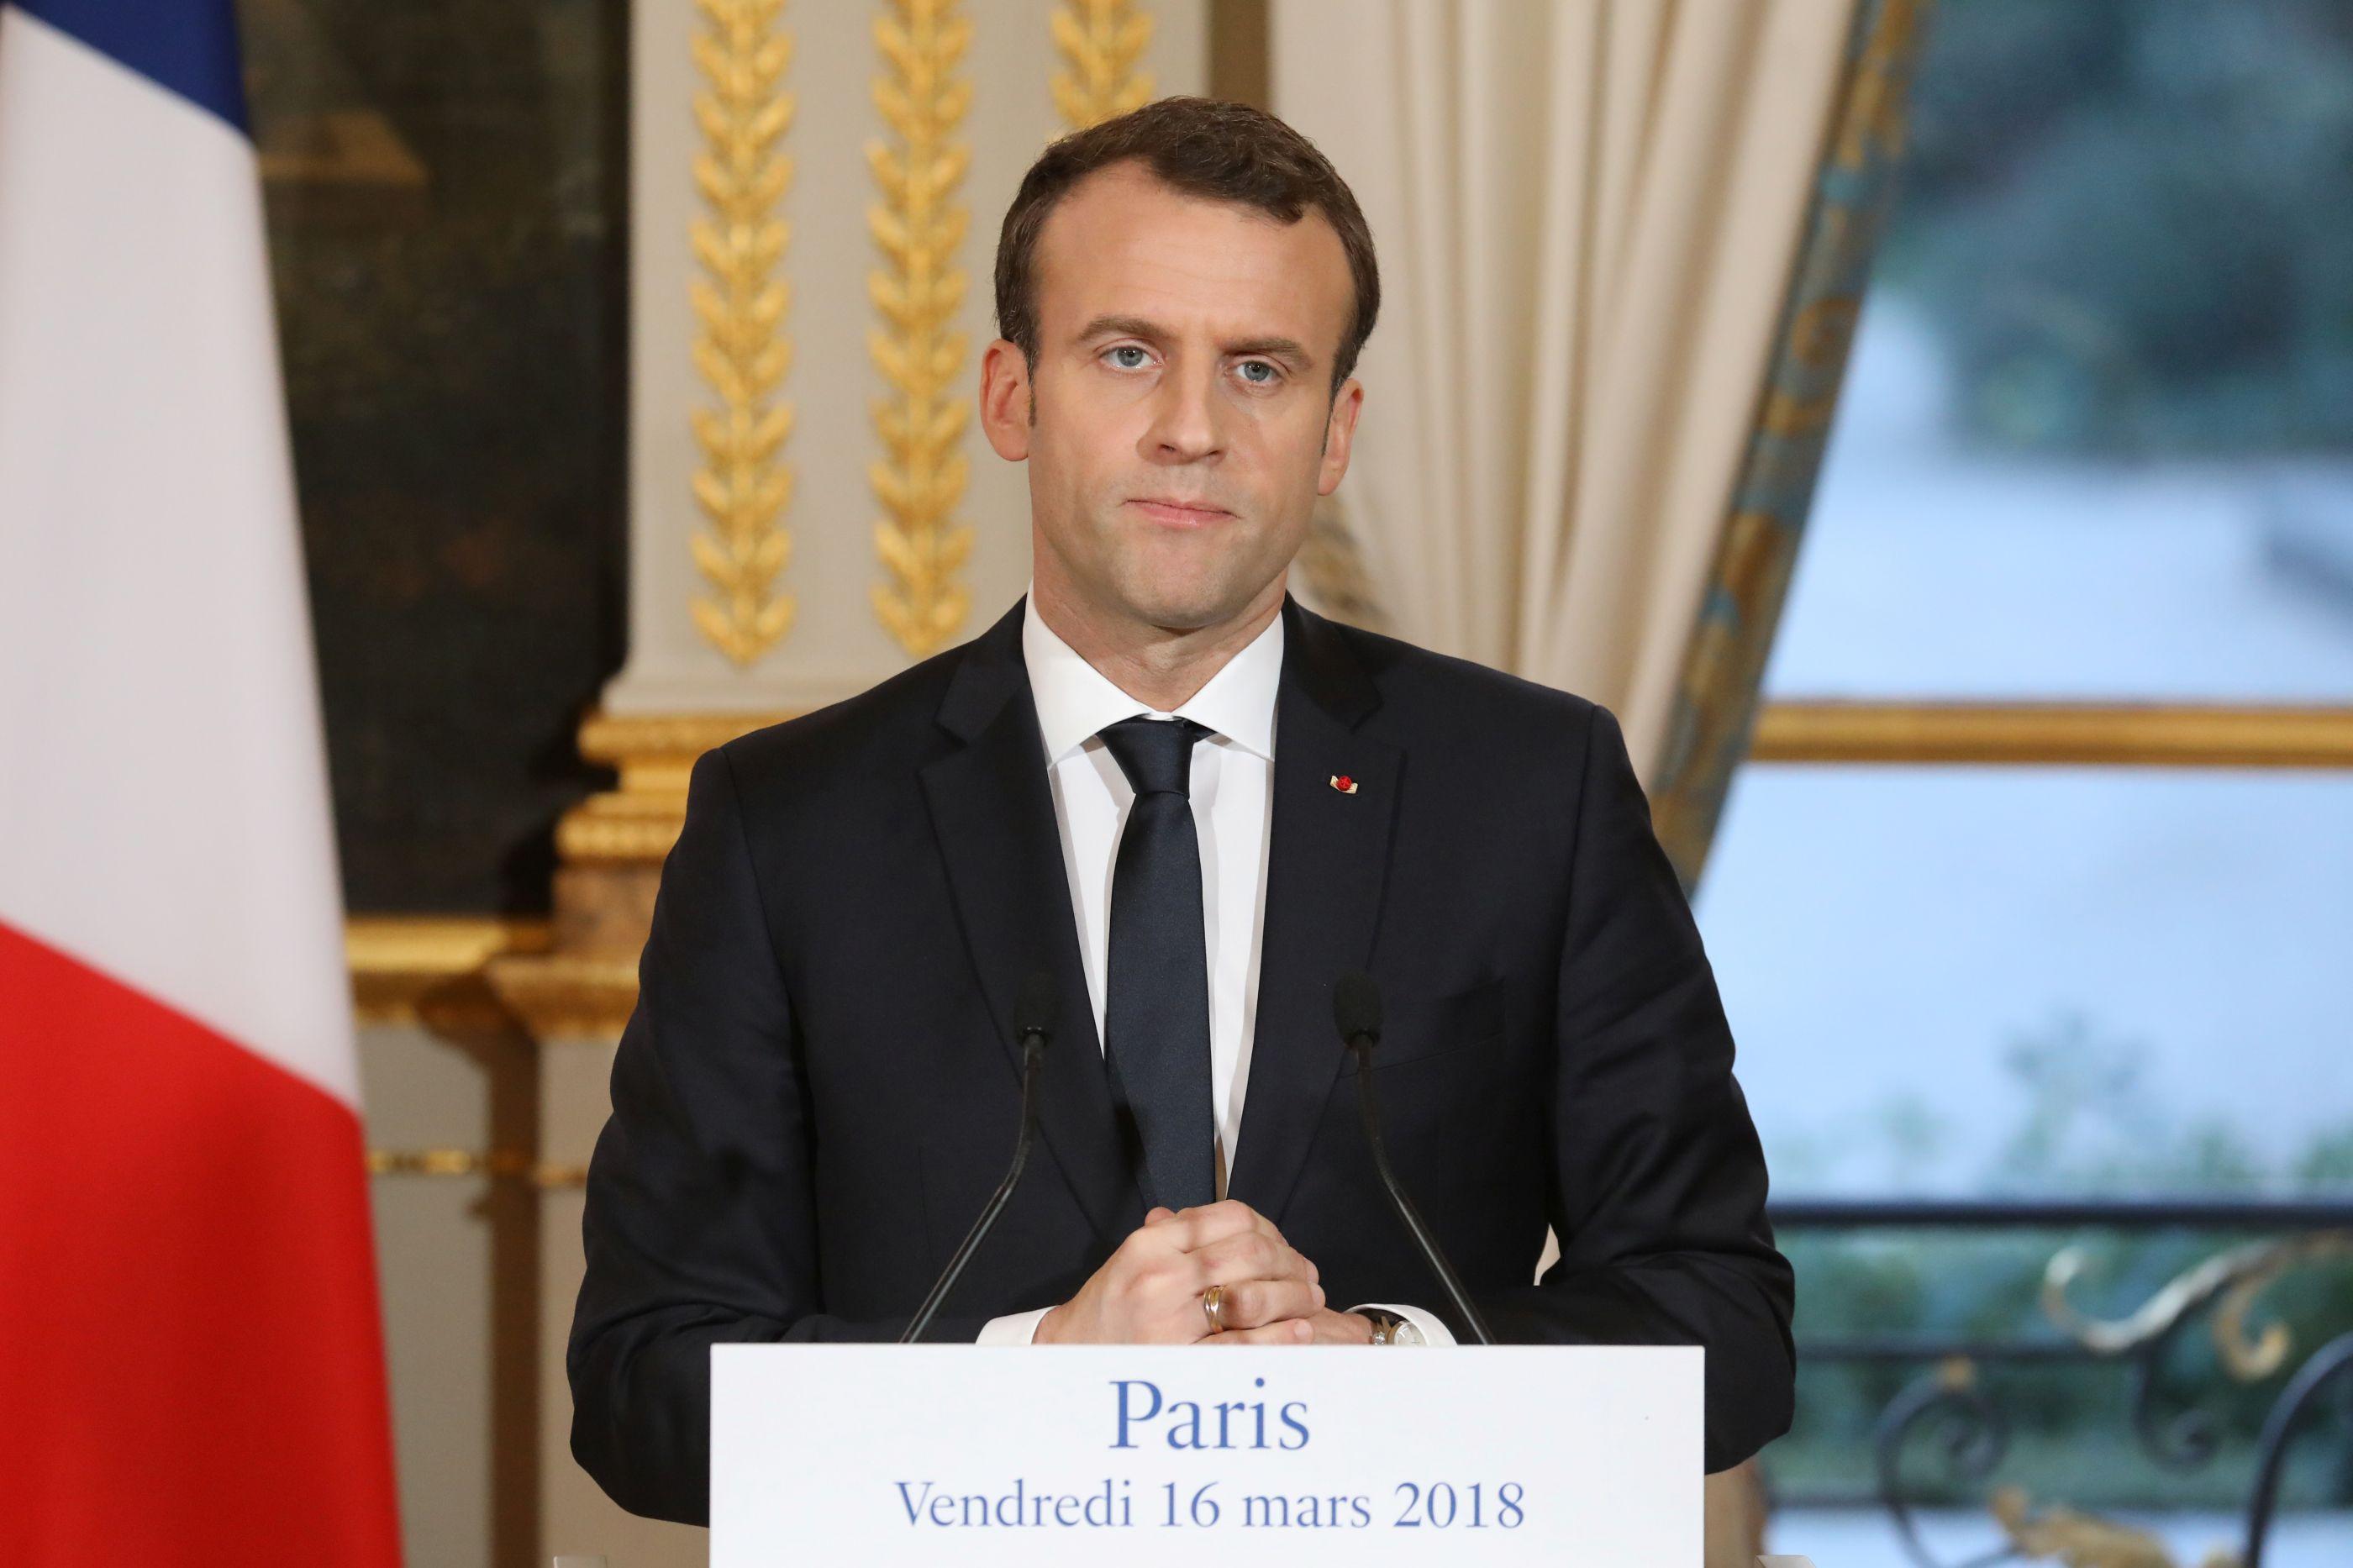 Macron aumenta salário mínimo após protestos de 'coletes amarelos'